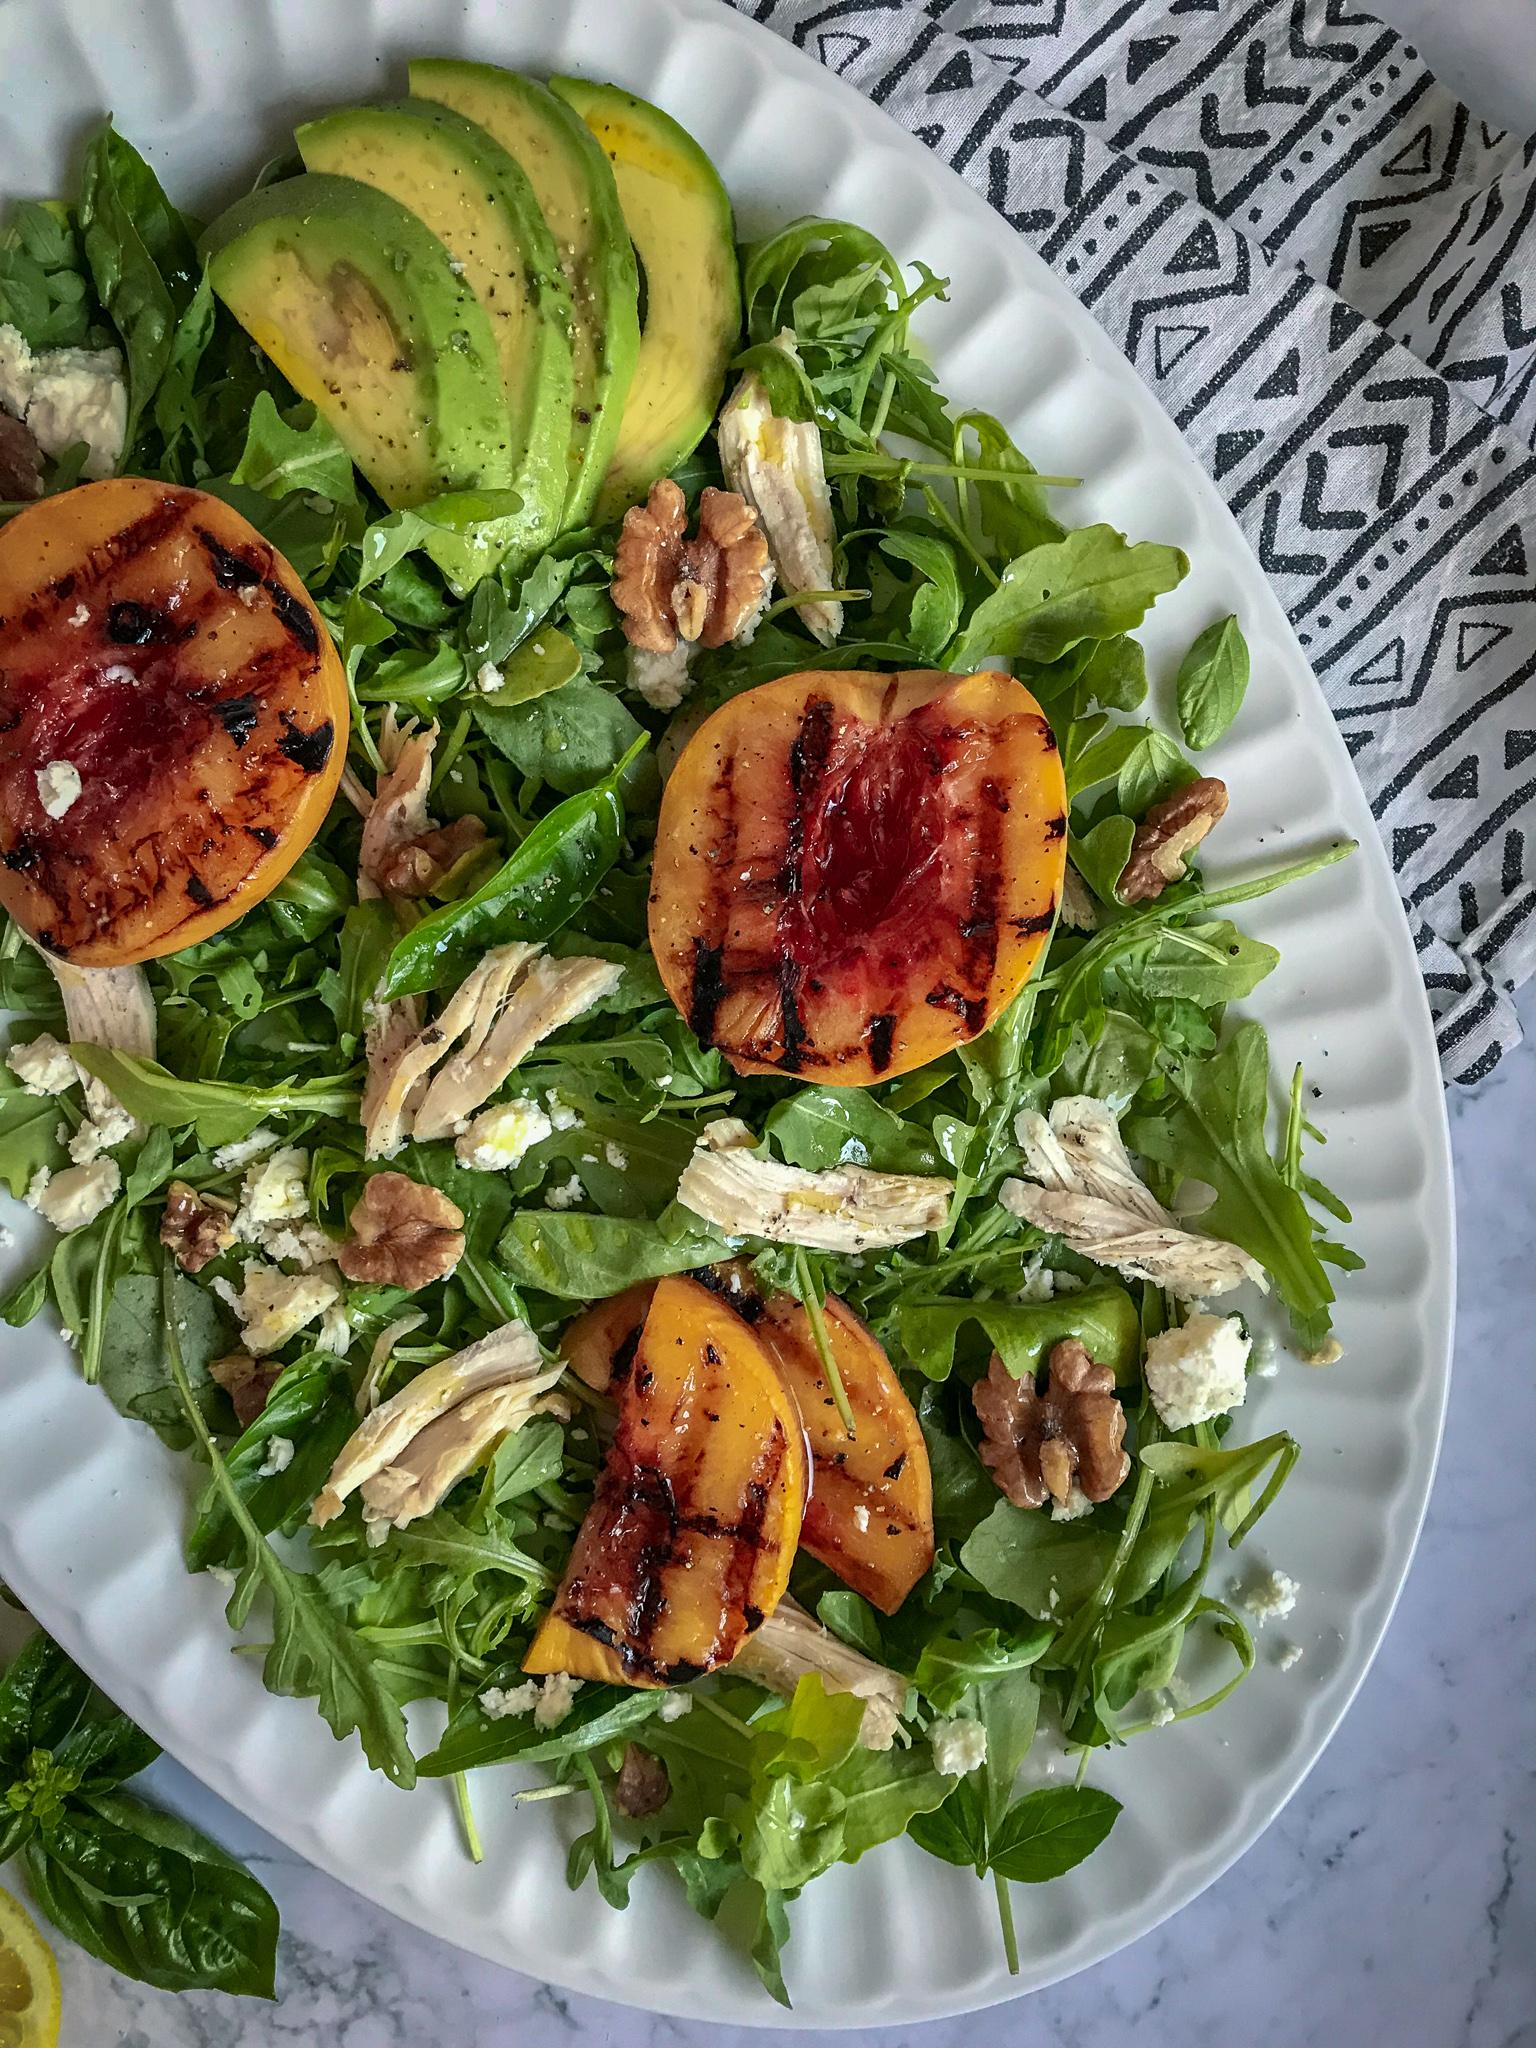 Grilled Peach, Chicken and Walnut Salad